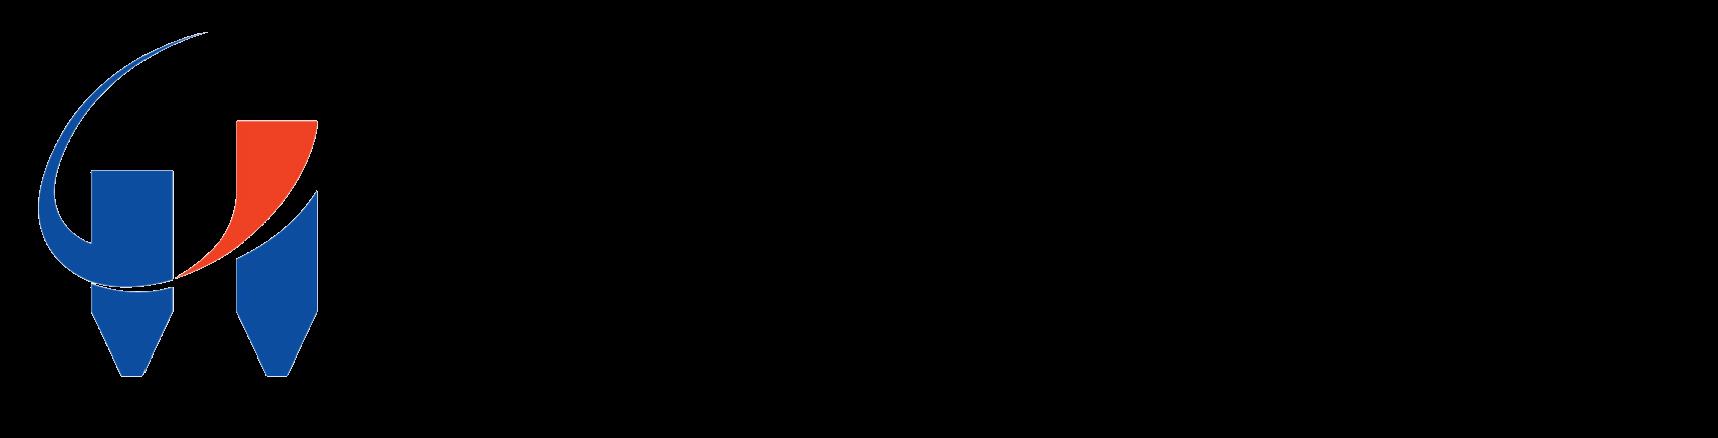 한미프랜트(주)의 기업로고